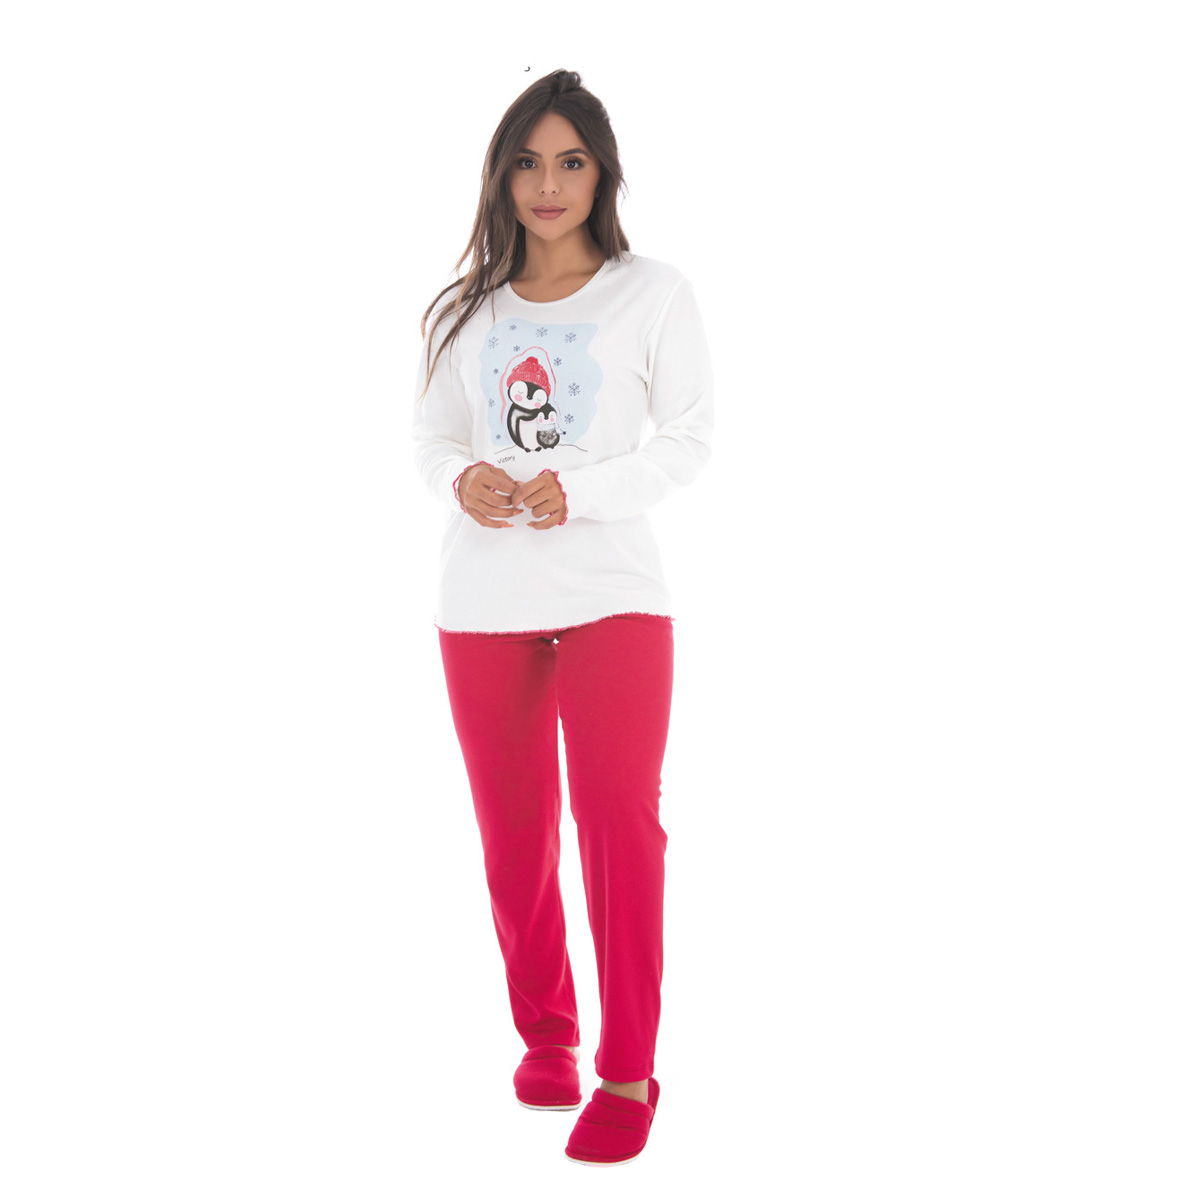 Pijama feminino de inverno peluciado DENGOSO Victory